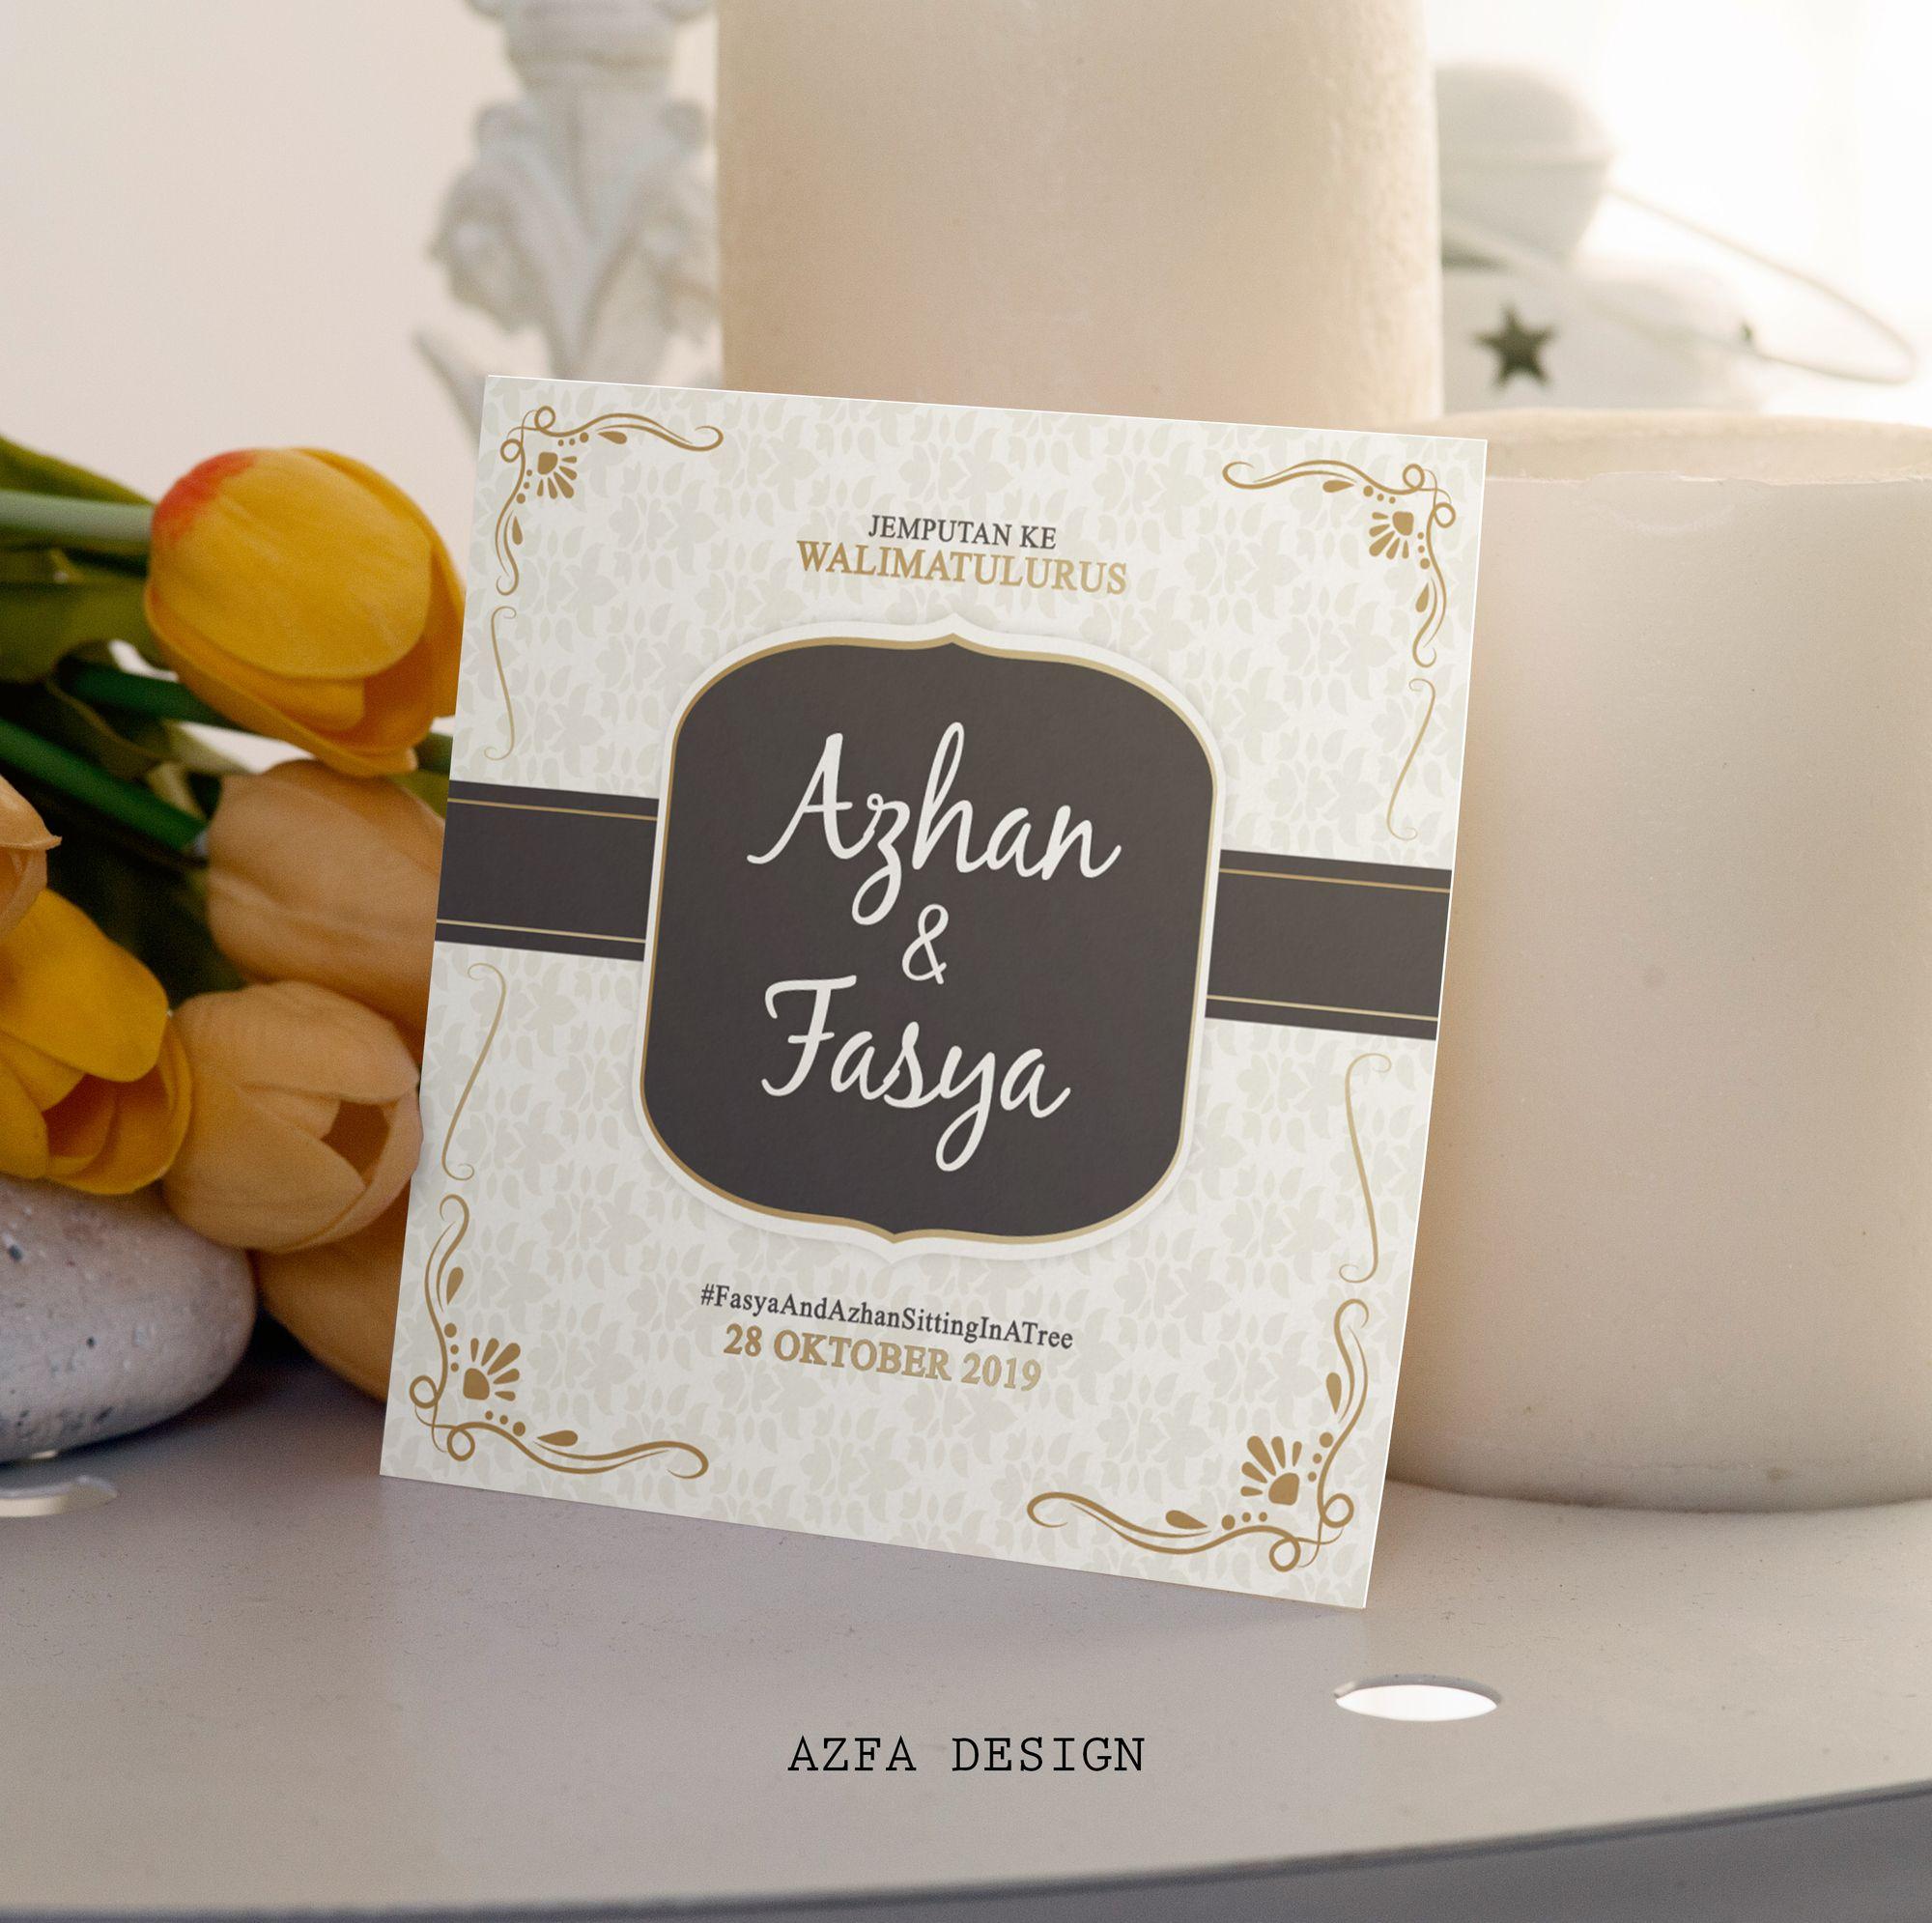 Azfadesign Kadkahwin Jangan Lupa Jemput Tetamu Tempah Kad Kahwin Anda Banyak Sanga Invitation Cards Invitations Cards